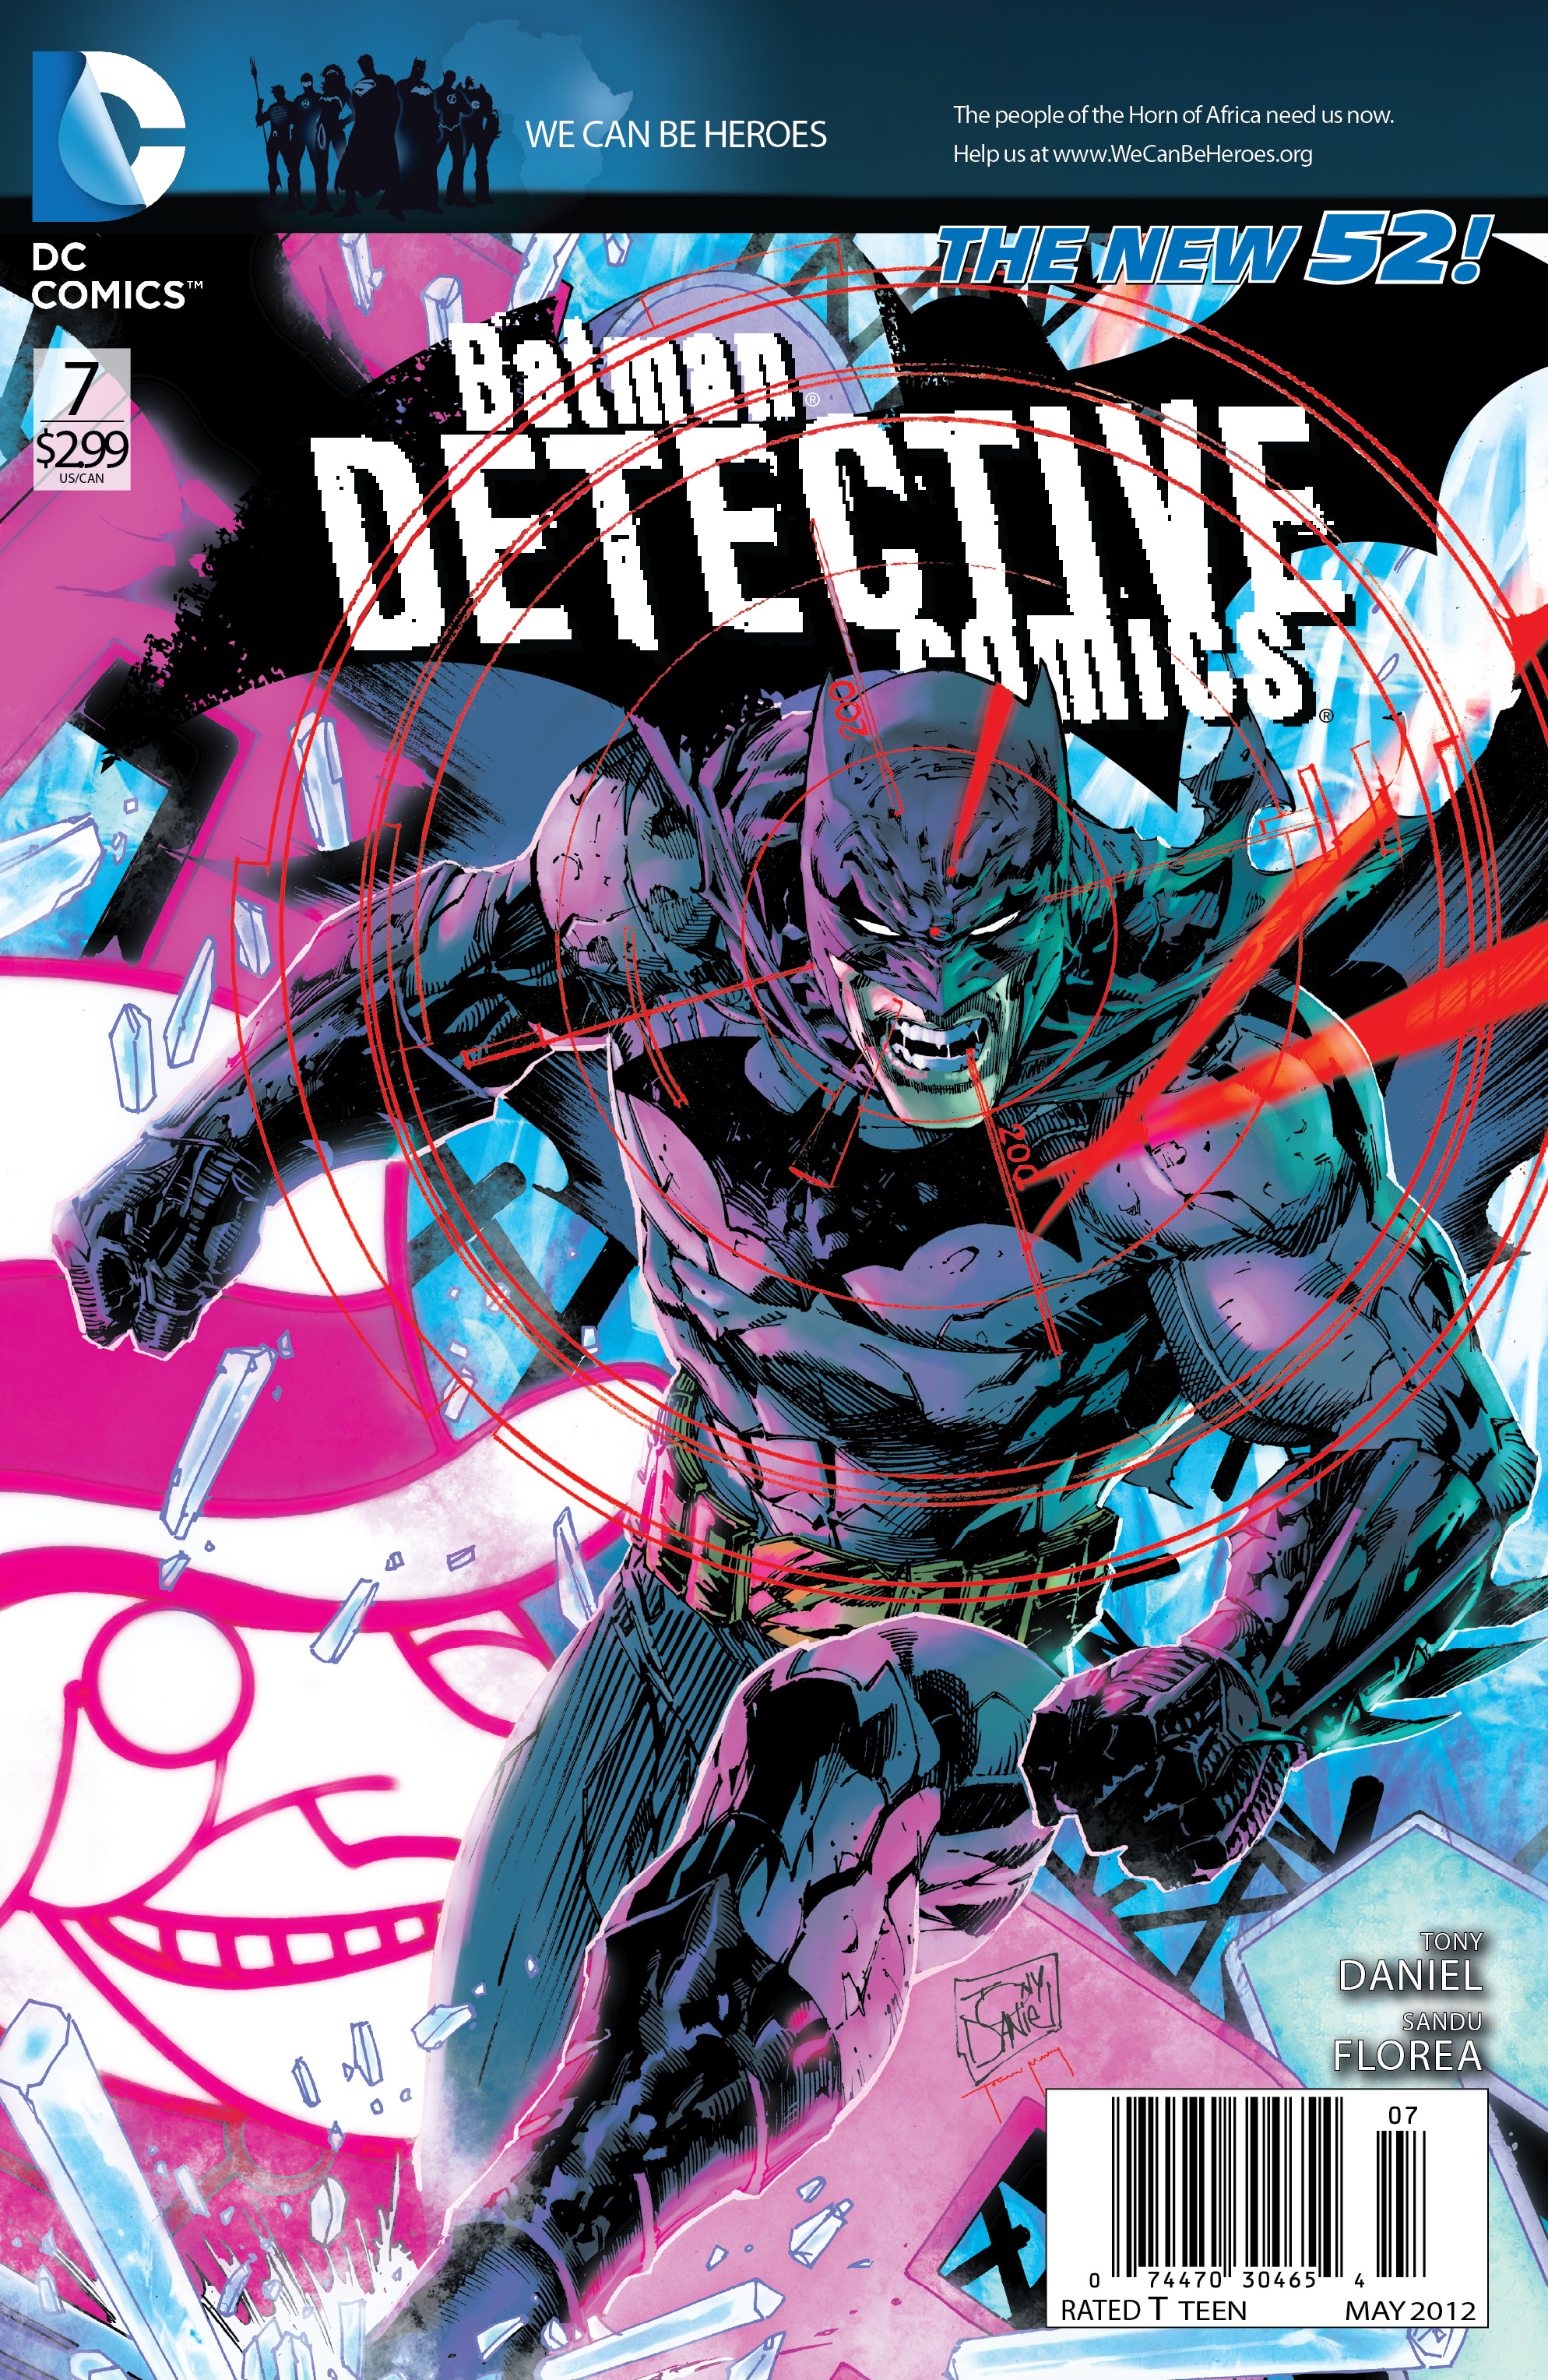 HD Quality Wallpaper   Collection: Comics, 1988x3056 Batman: Detective Comics